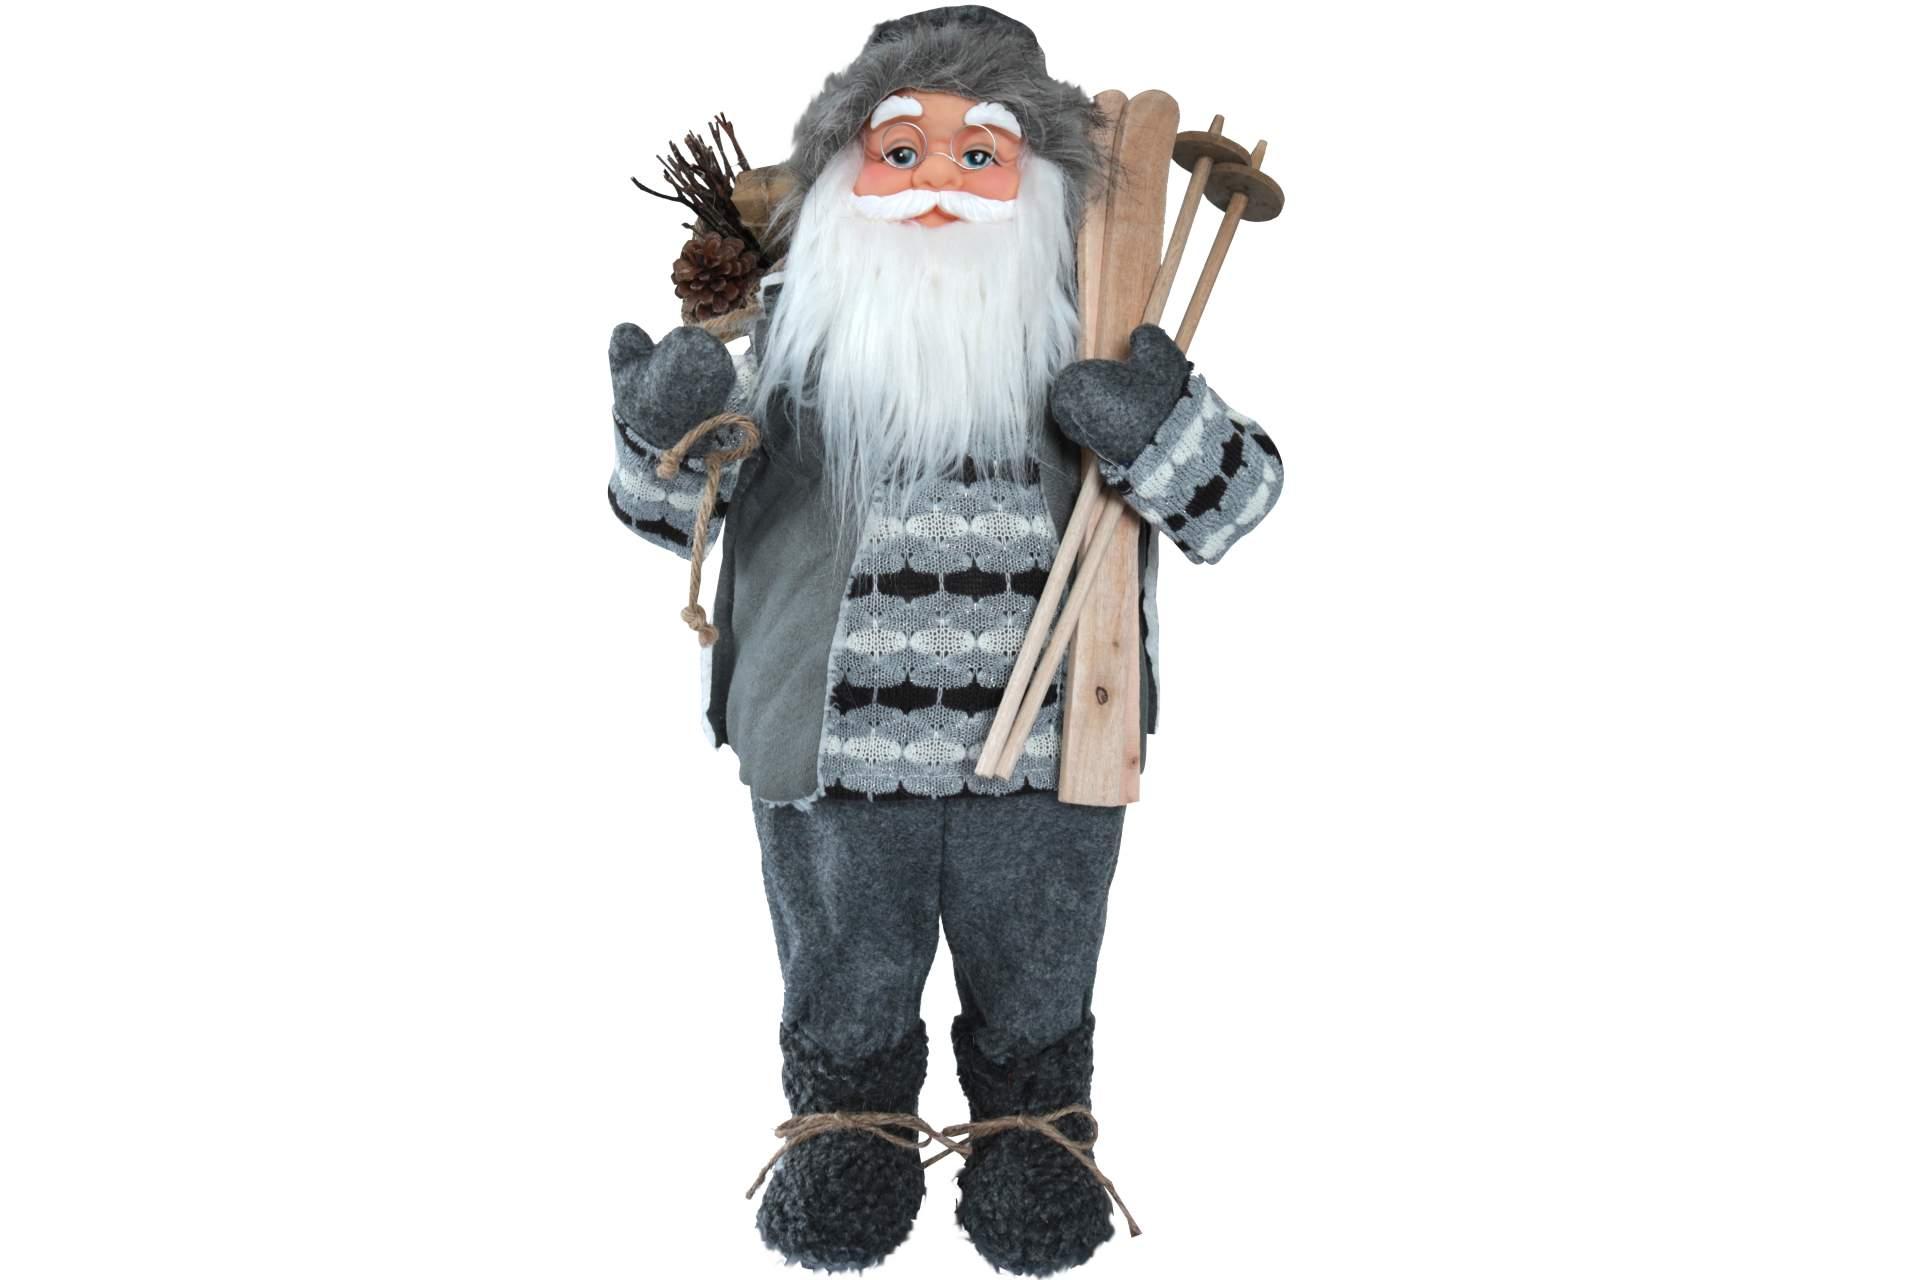 dekofigur weihnachtsmann 60 cm mit ski sack in grau. Black Bedroom Furniture Sets. Home Design Ideas